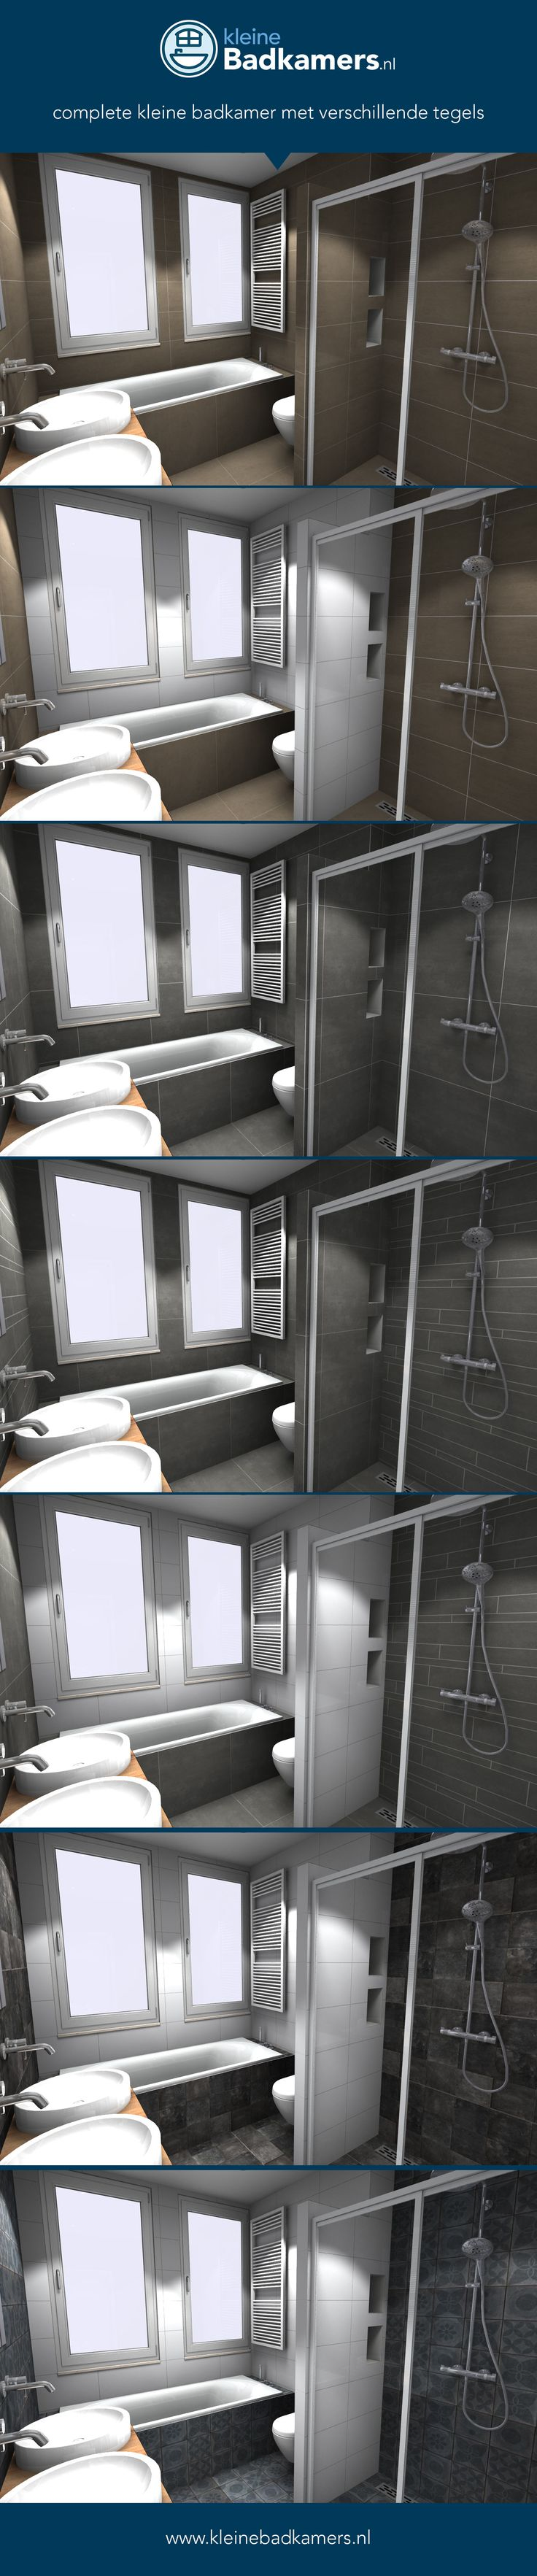 12 beste afbeeldingen van Badkamer - Badkamer, Kleine badkamers en ...